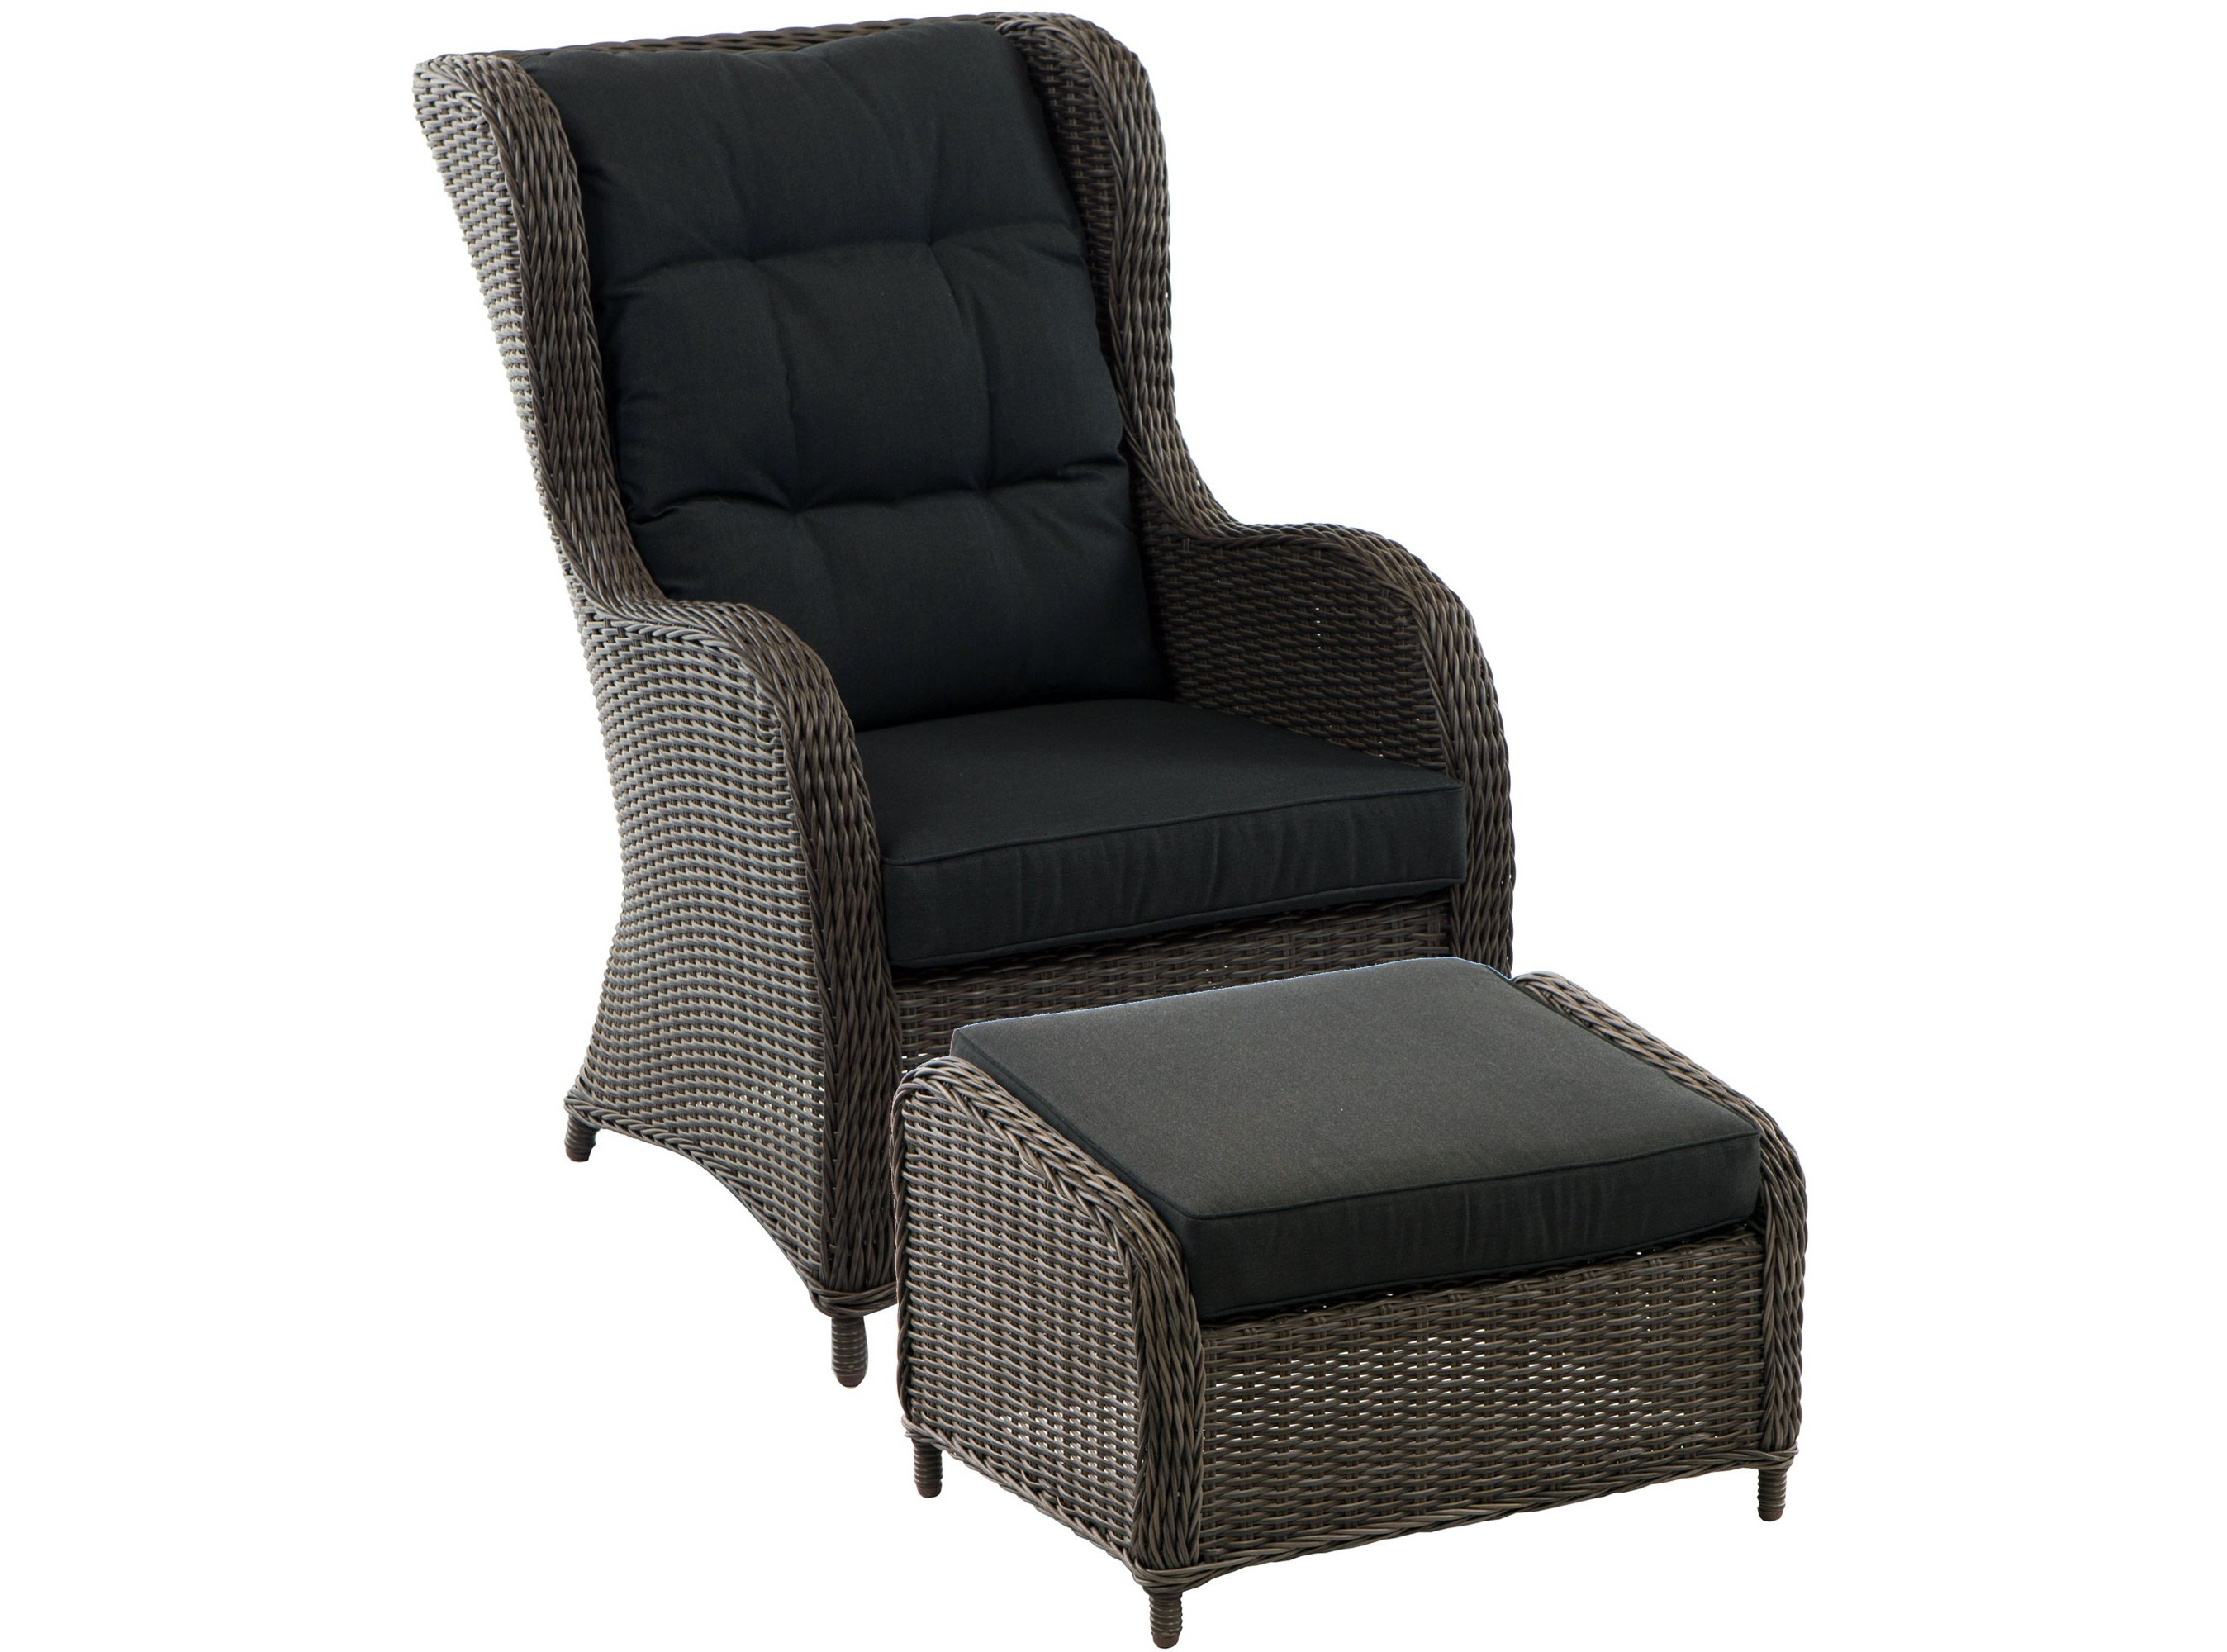 Кресло ArezzaКресла для сада<br>Arezza - это комплект, состоящий из плетеного кресла и пуфа. Не требуется сборка.<br>Каркас мебели алючиниевый, плетение из серого полукруглого искусственного ротанга.<br>Подушки включены в комплект.&amp;amp;nbsp;&amp;lt;div&amp;gt;&amp;lt;br&amp;gt;&amp;lt;/div&amp;gt;&amp;lt;div&amp;gt;Табурет:<br>Длина: 74 см<br>Ширина: 56 см<br>Высота: 48 см &amp;lt;/div&amp;gt;<br><br>Material: Искусственный ротанг<br>Width см: 74<br>Depth см: 74<br>Height см: 108